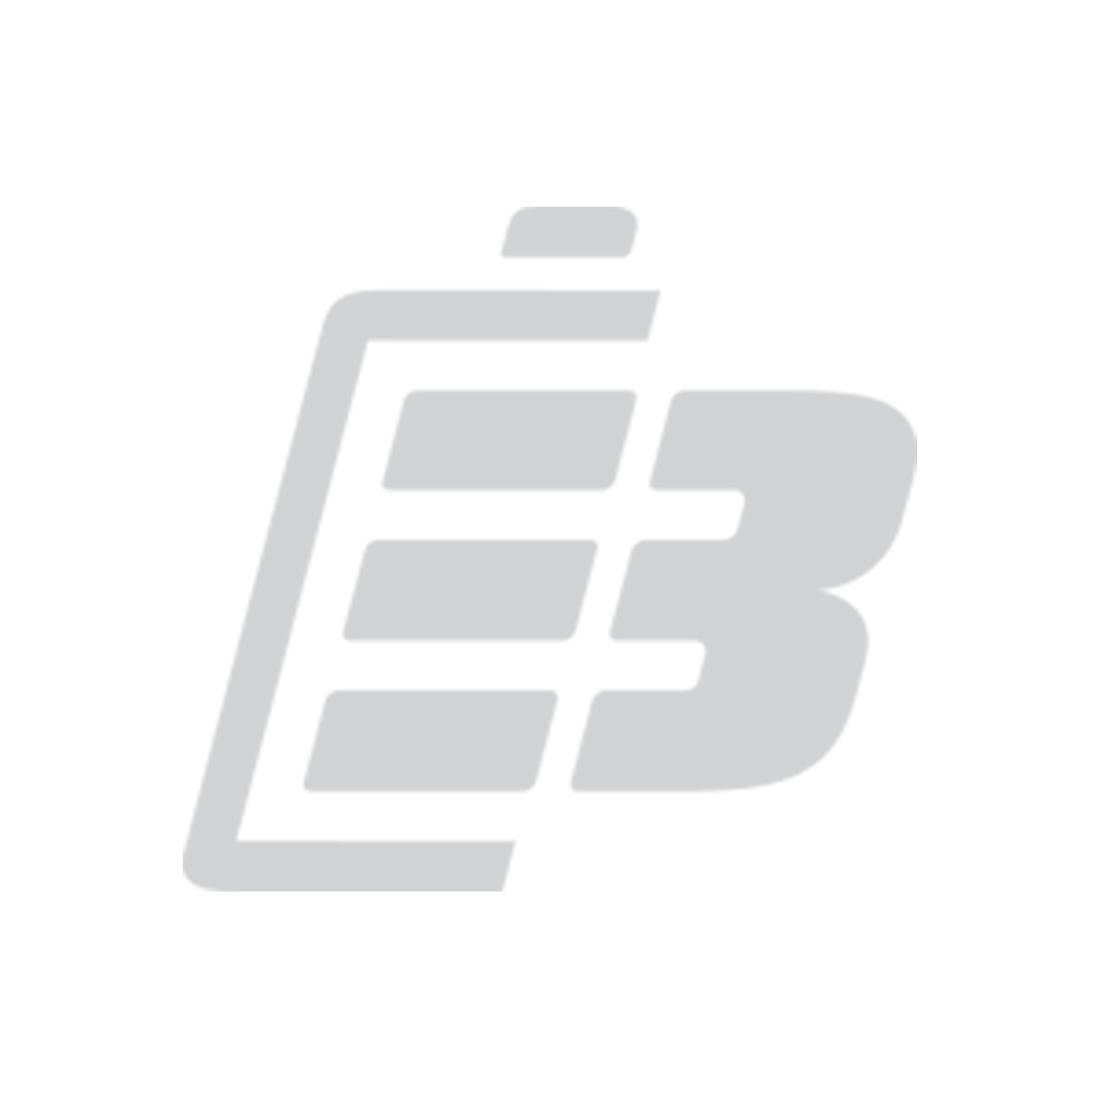 Fenix ARB-L16-700U 16340 USB Battery 700mAh 1